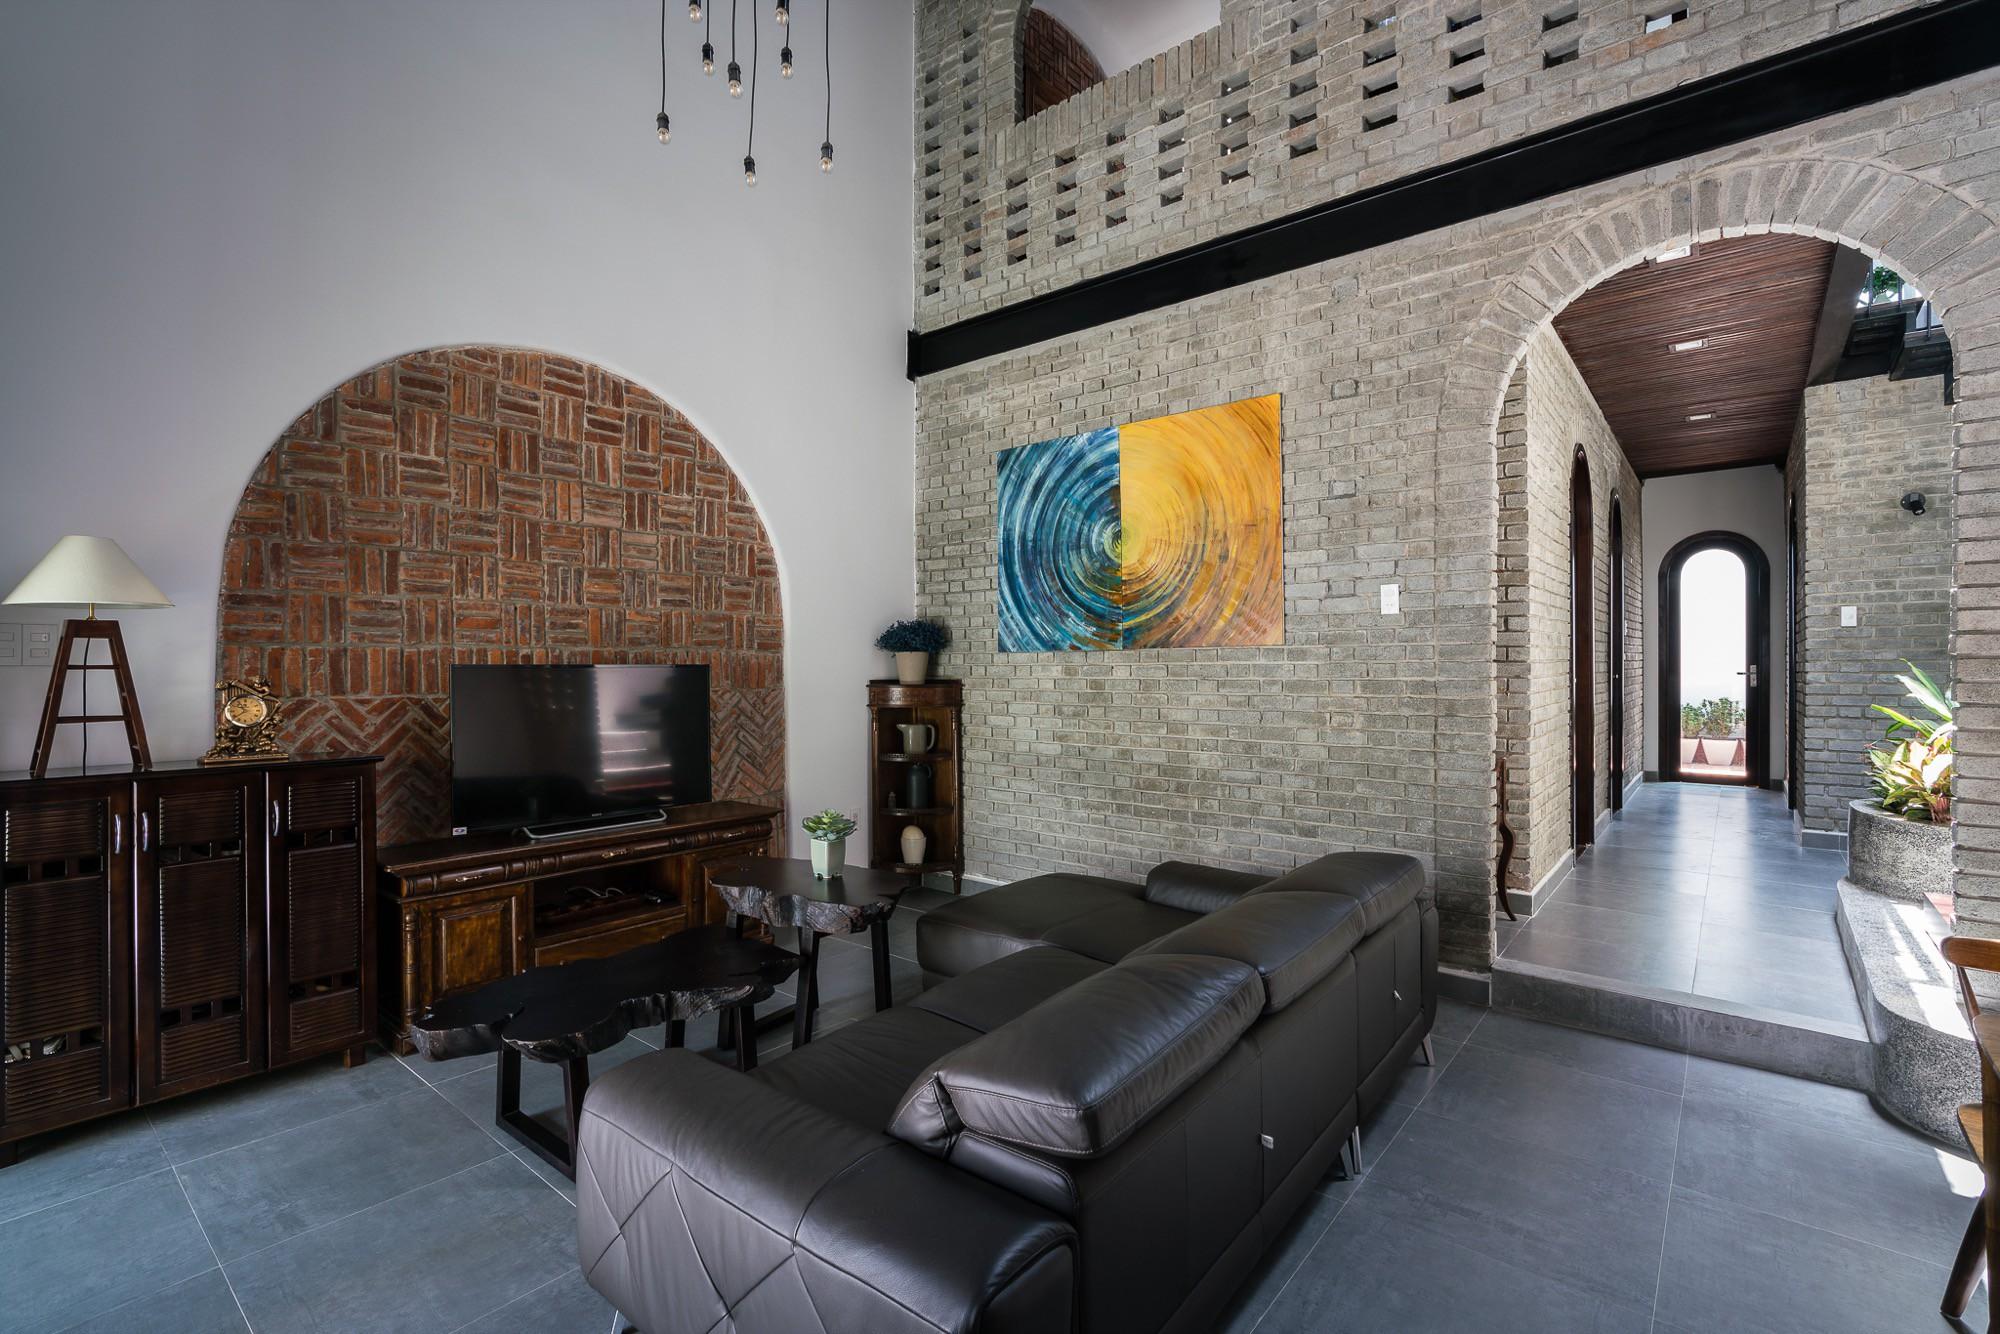 Ngôi nhà gạch 2 tầng của cặp vợ chồng già ở Đà Nẵng được tạp chí Mỹ xuýt xoa khen ngợi - Ảnh 7.